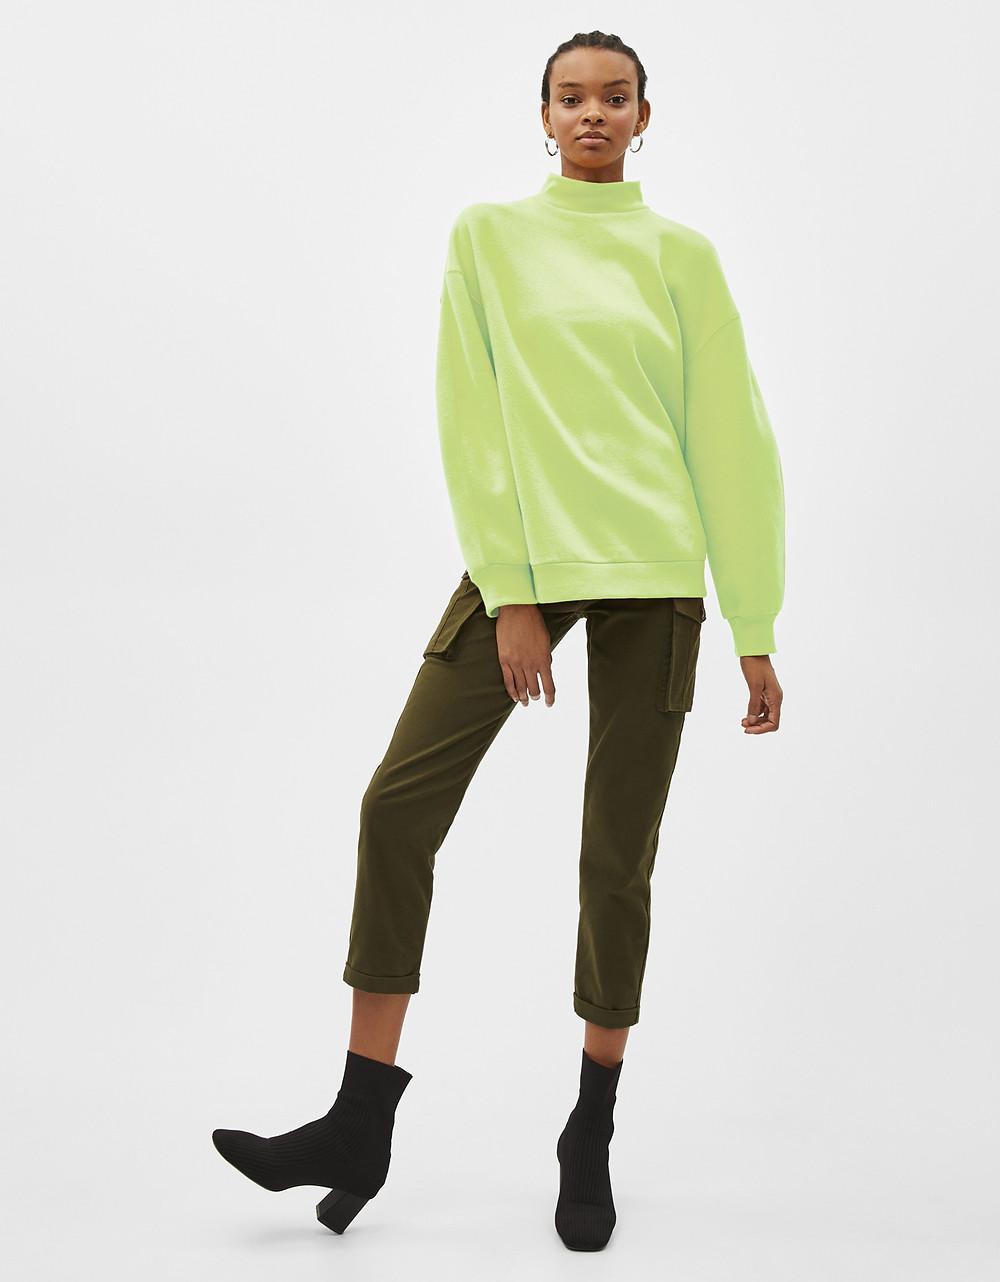 Sweatshirt with high collar, Bershka (9,09 €)